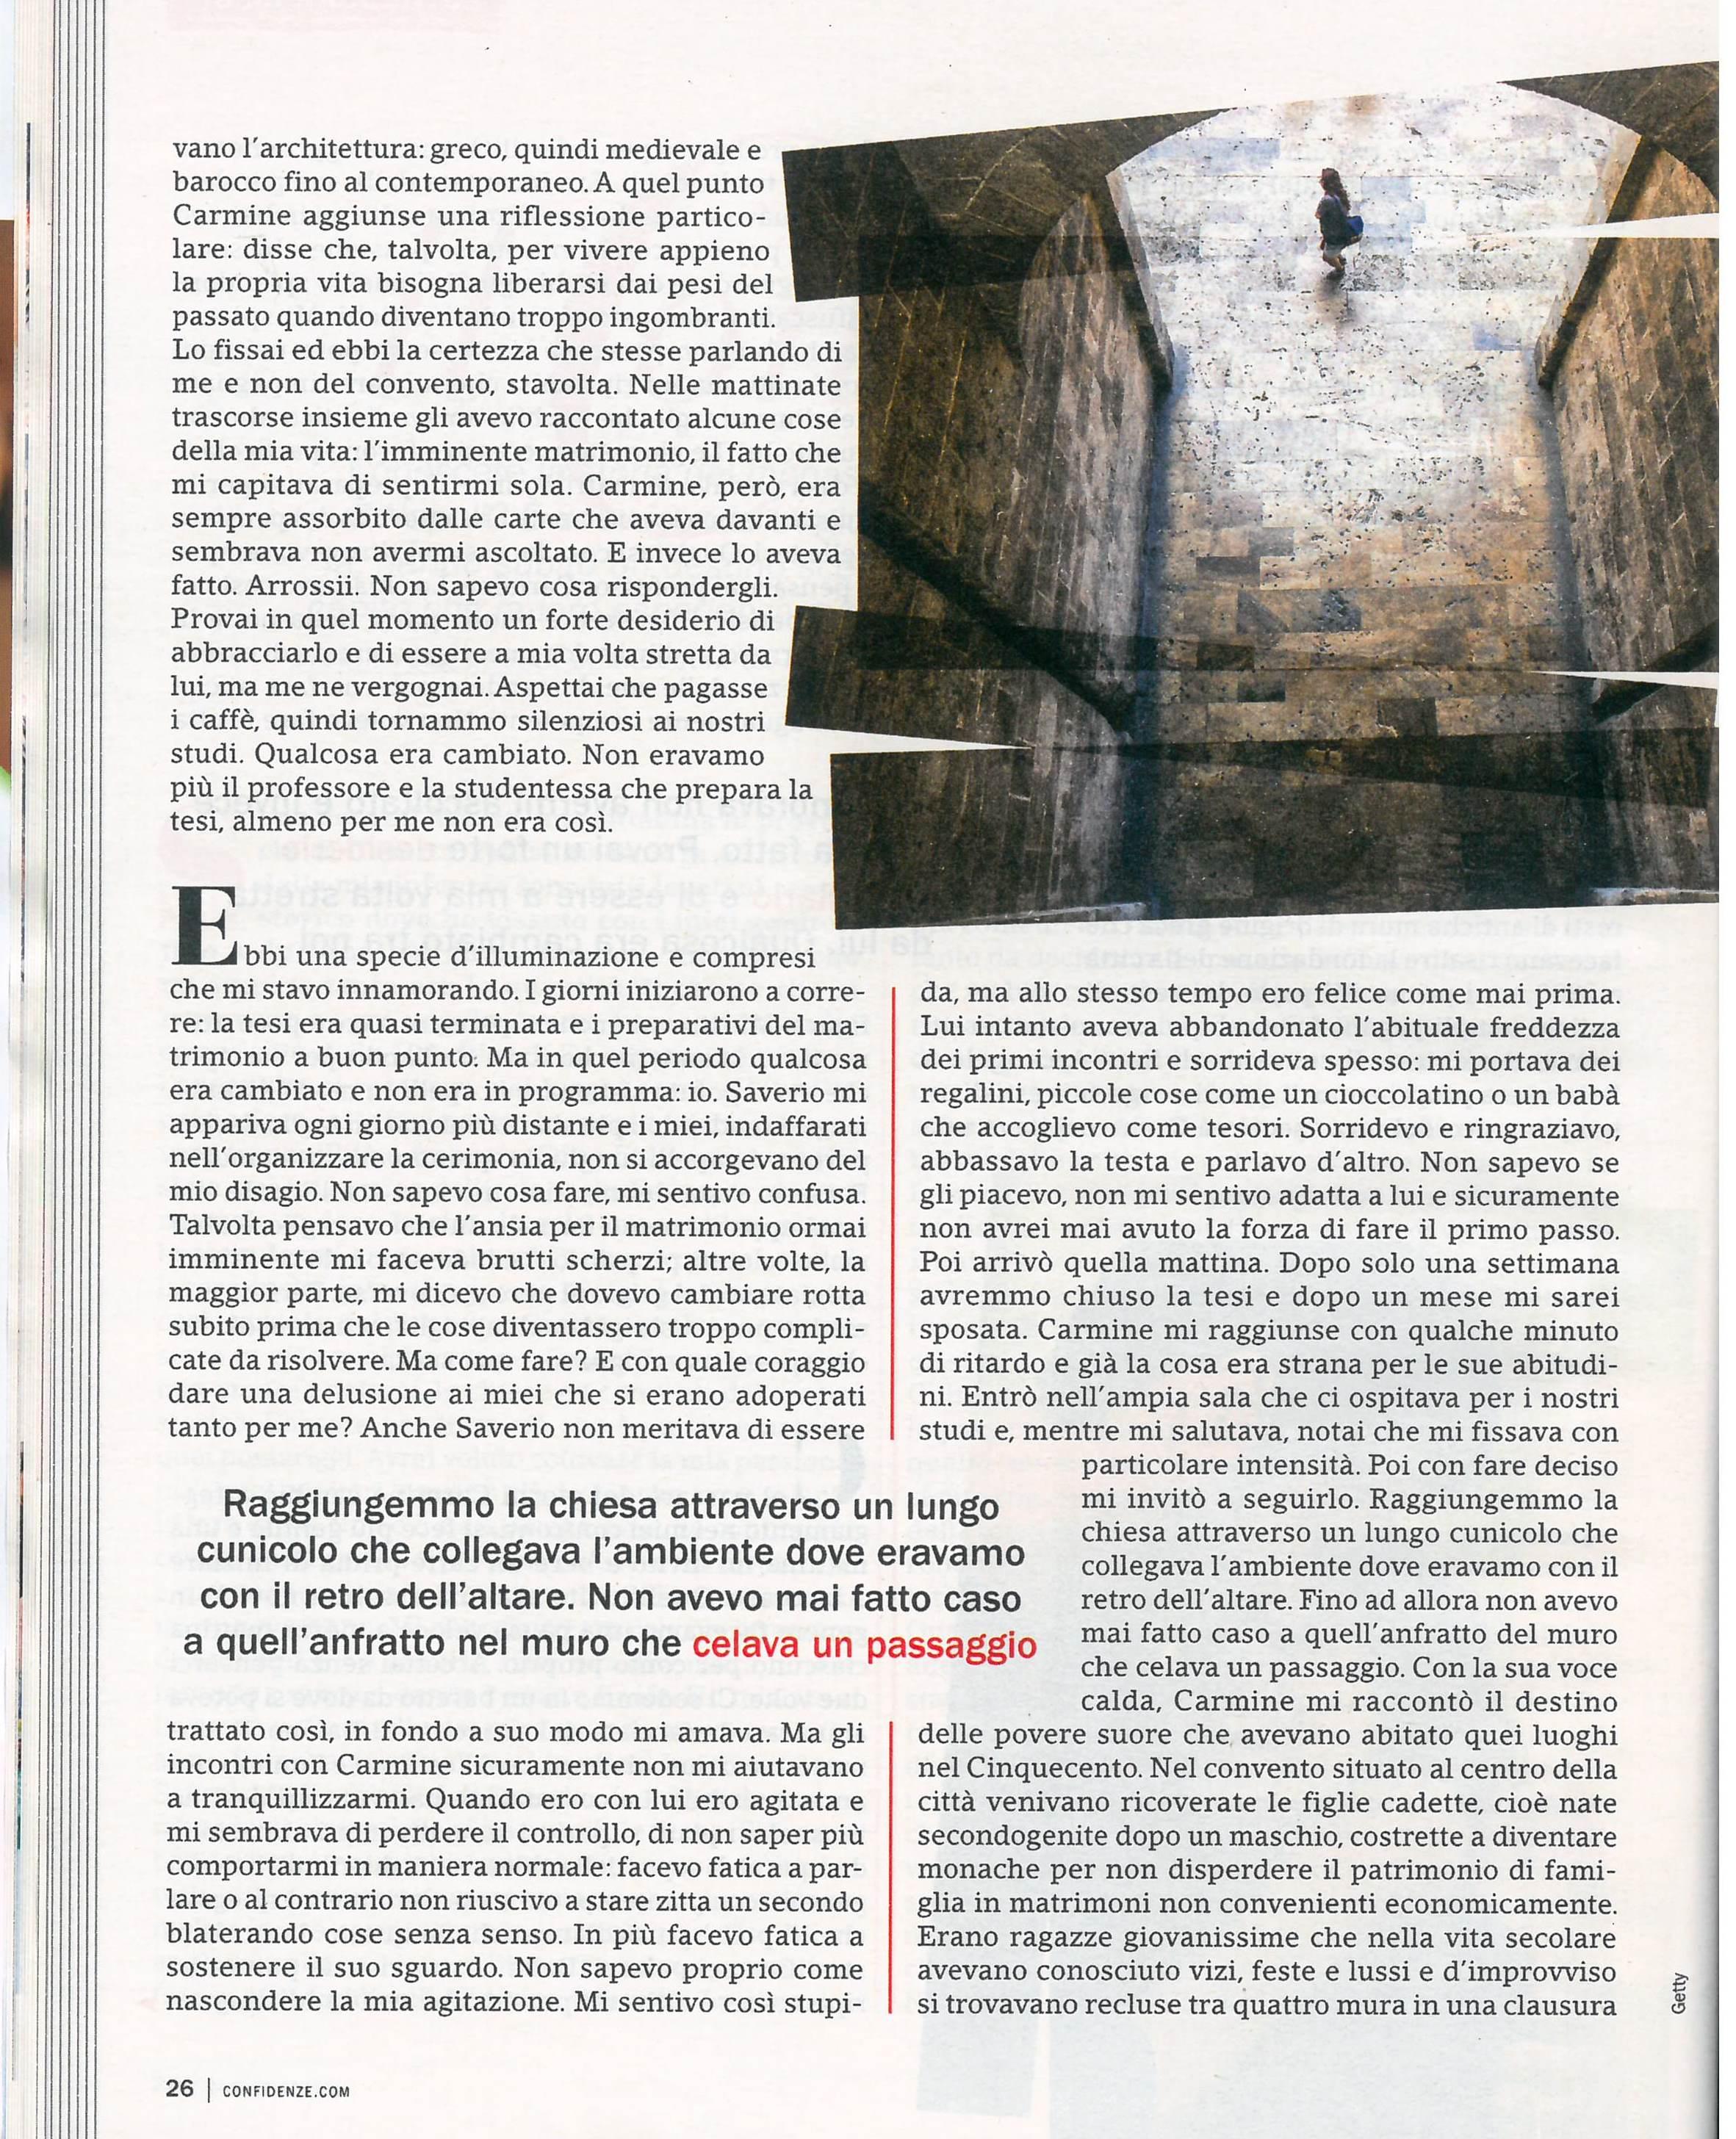 Storia di Pina - Il Convento - Gugno 2018_Pagina_3